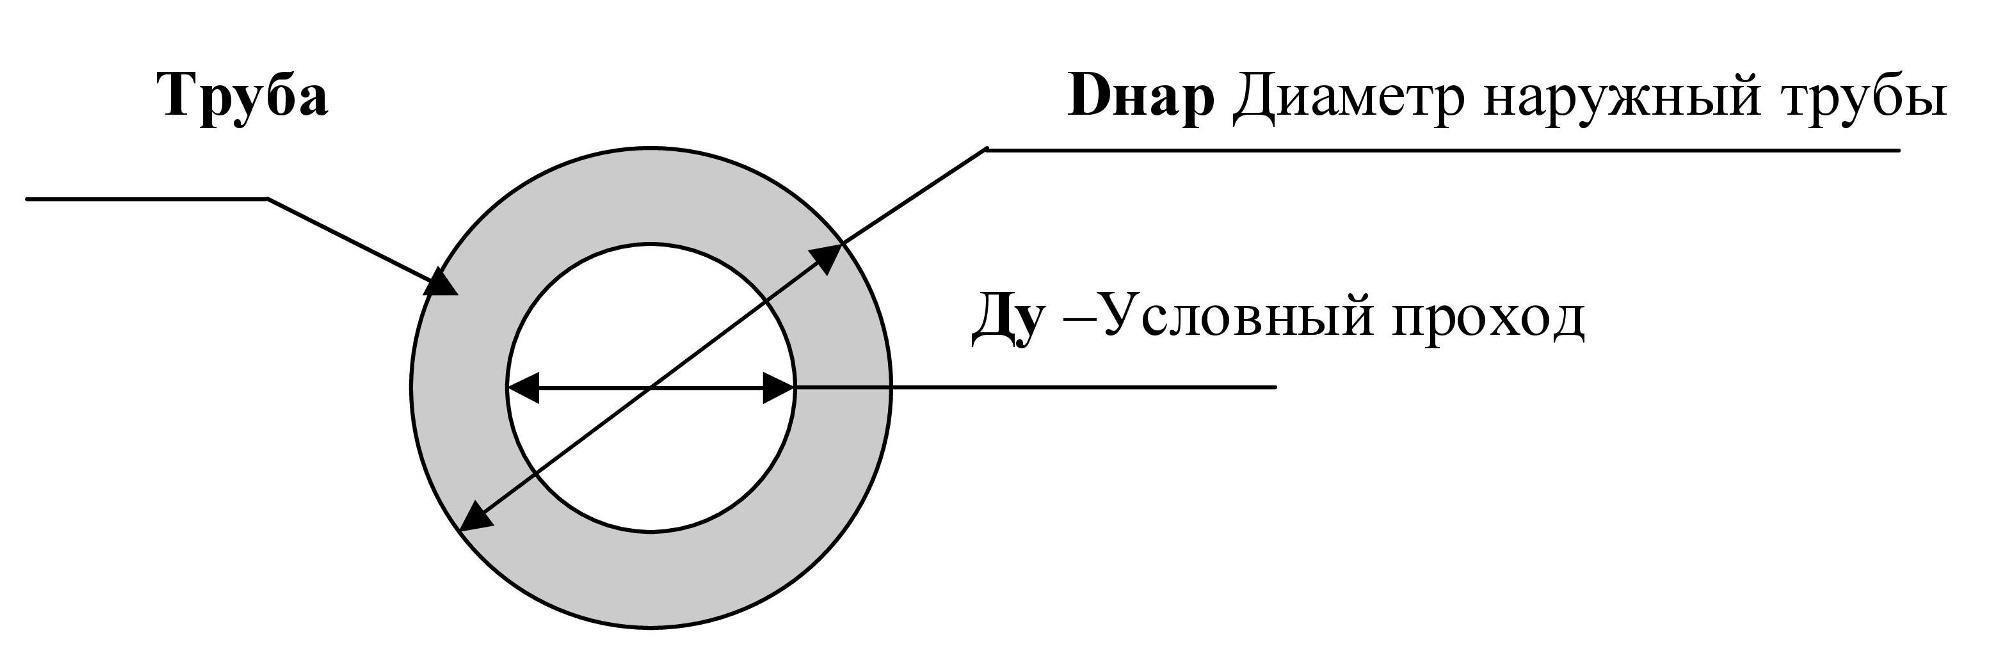 Ду-воп — википедия. что такое ду-воп